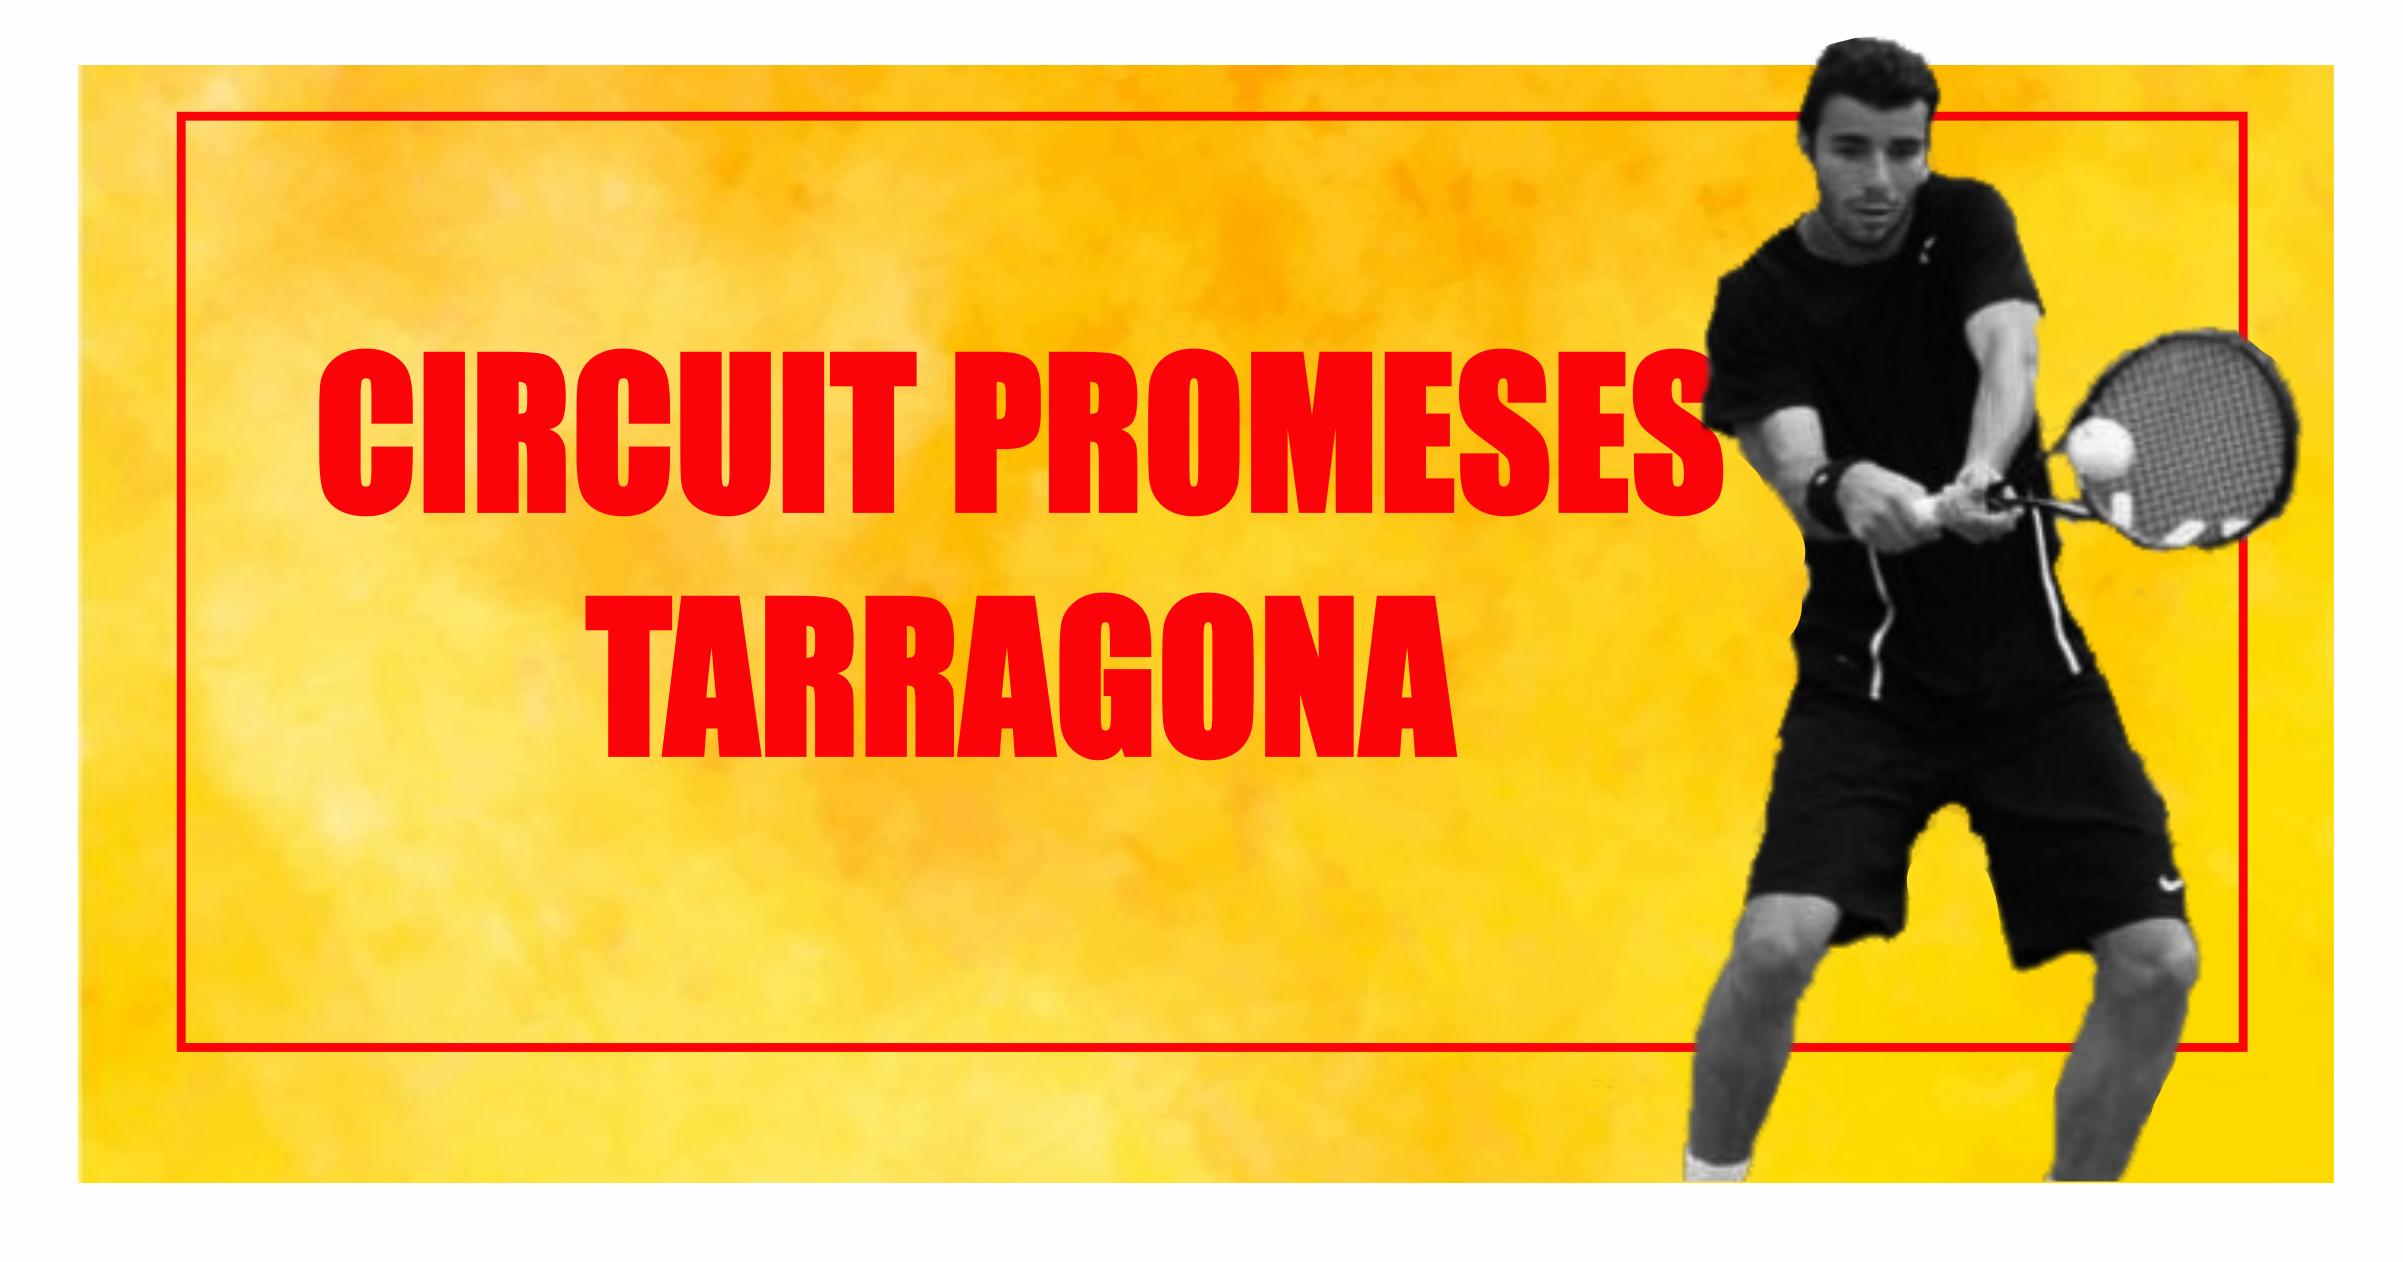 CIRCUIT PROMESES TARRAGONA